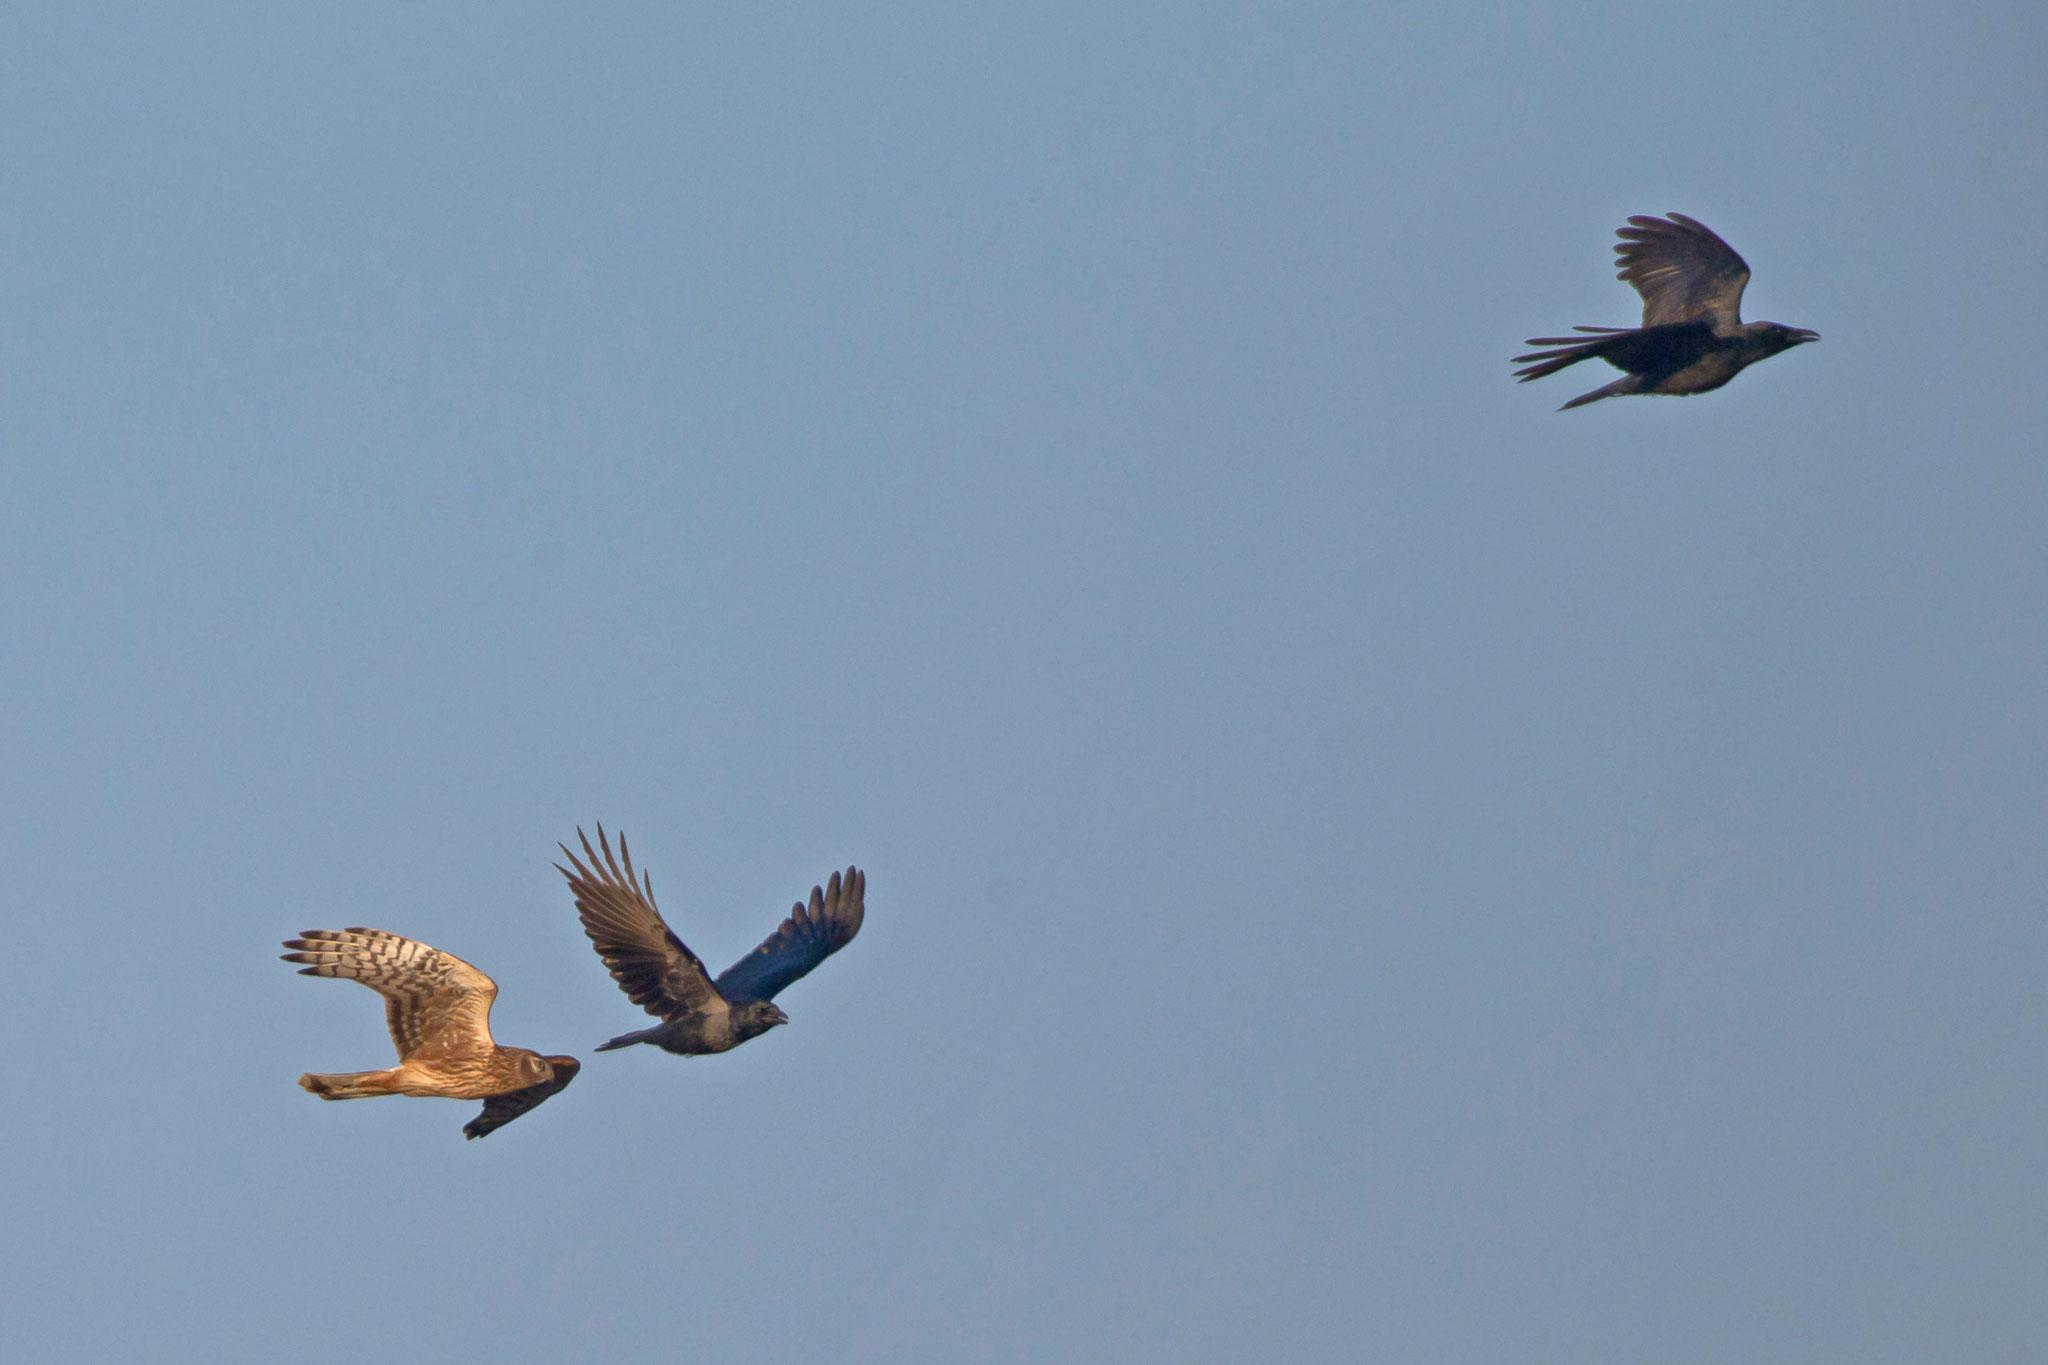 ... die den Greifvögeln das Leben schwer machen, hier einer Kornweihe